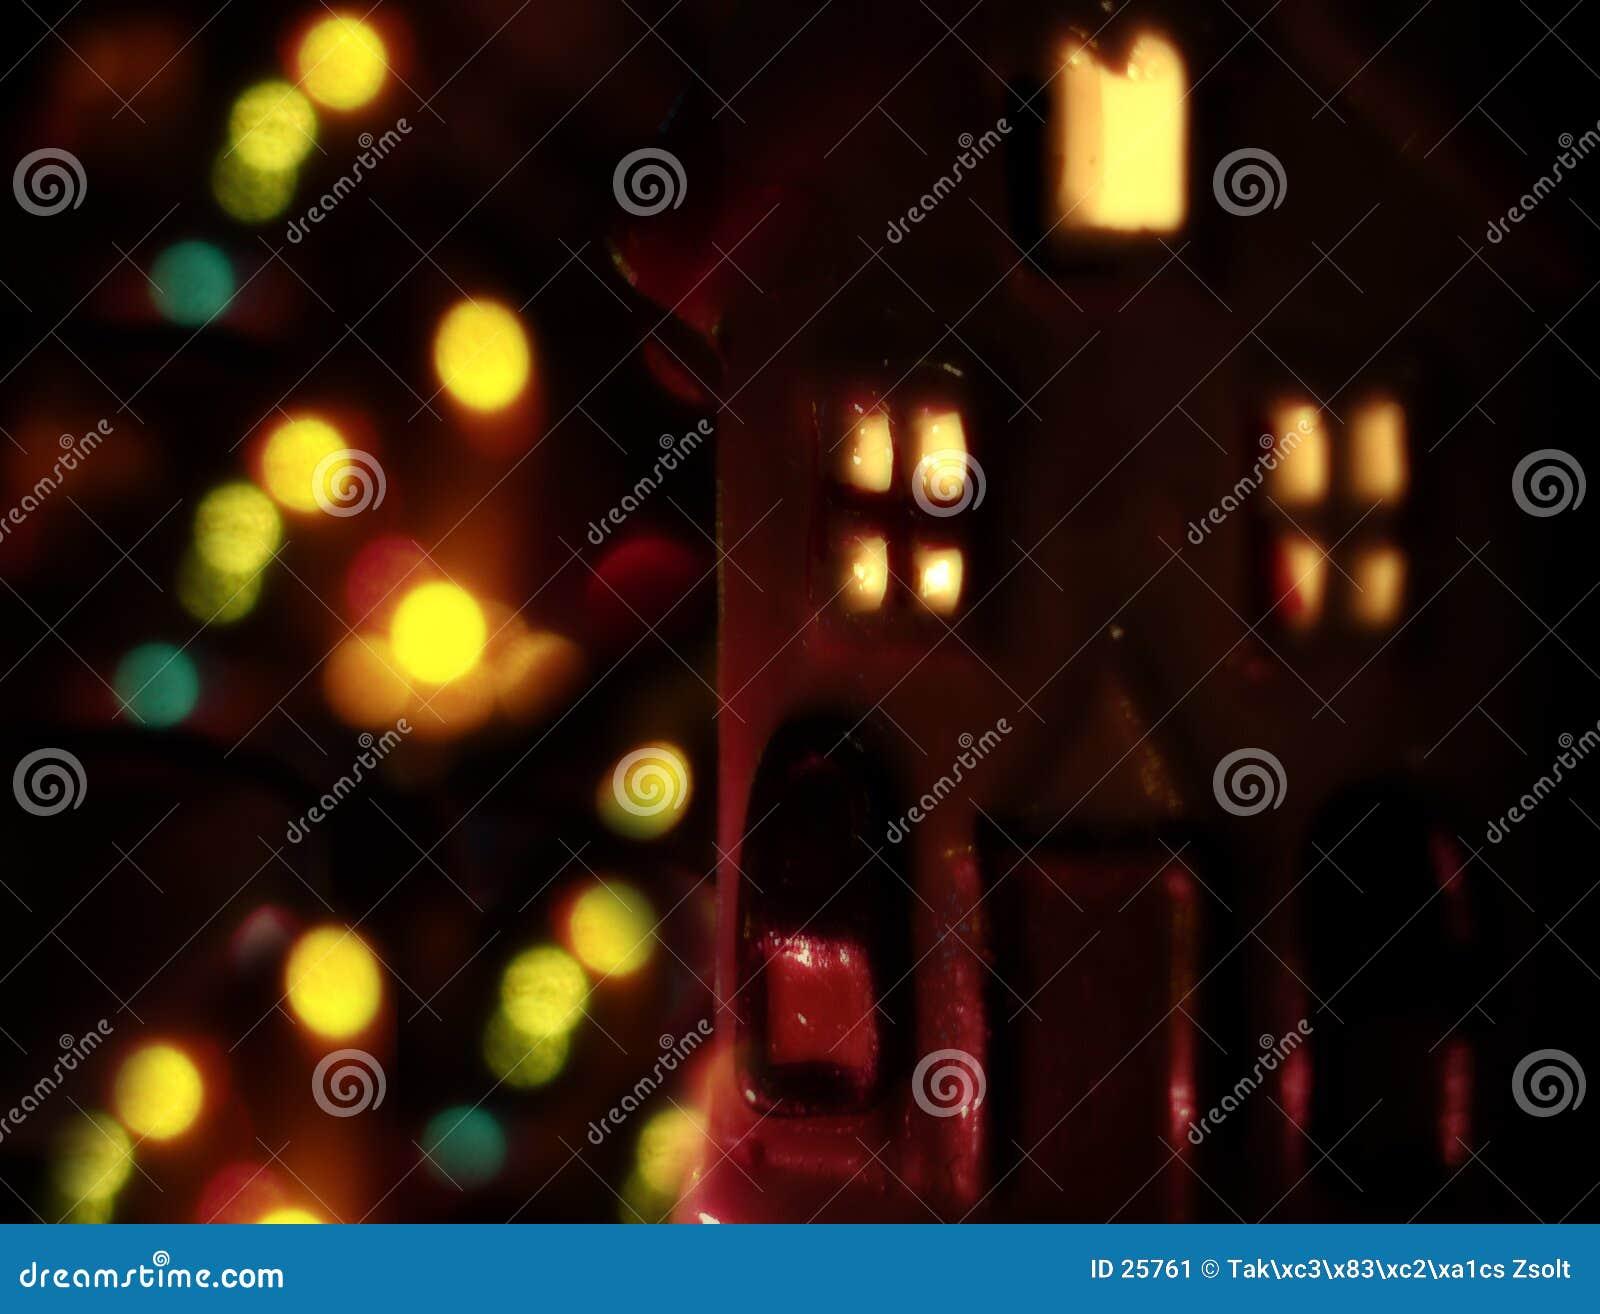 Download Humor de Christmass imagen de archivo. Imagen de amarillo - 25761